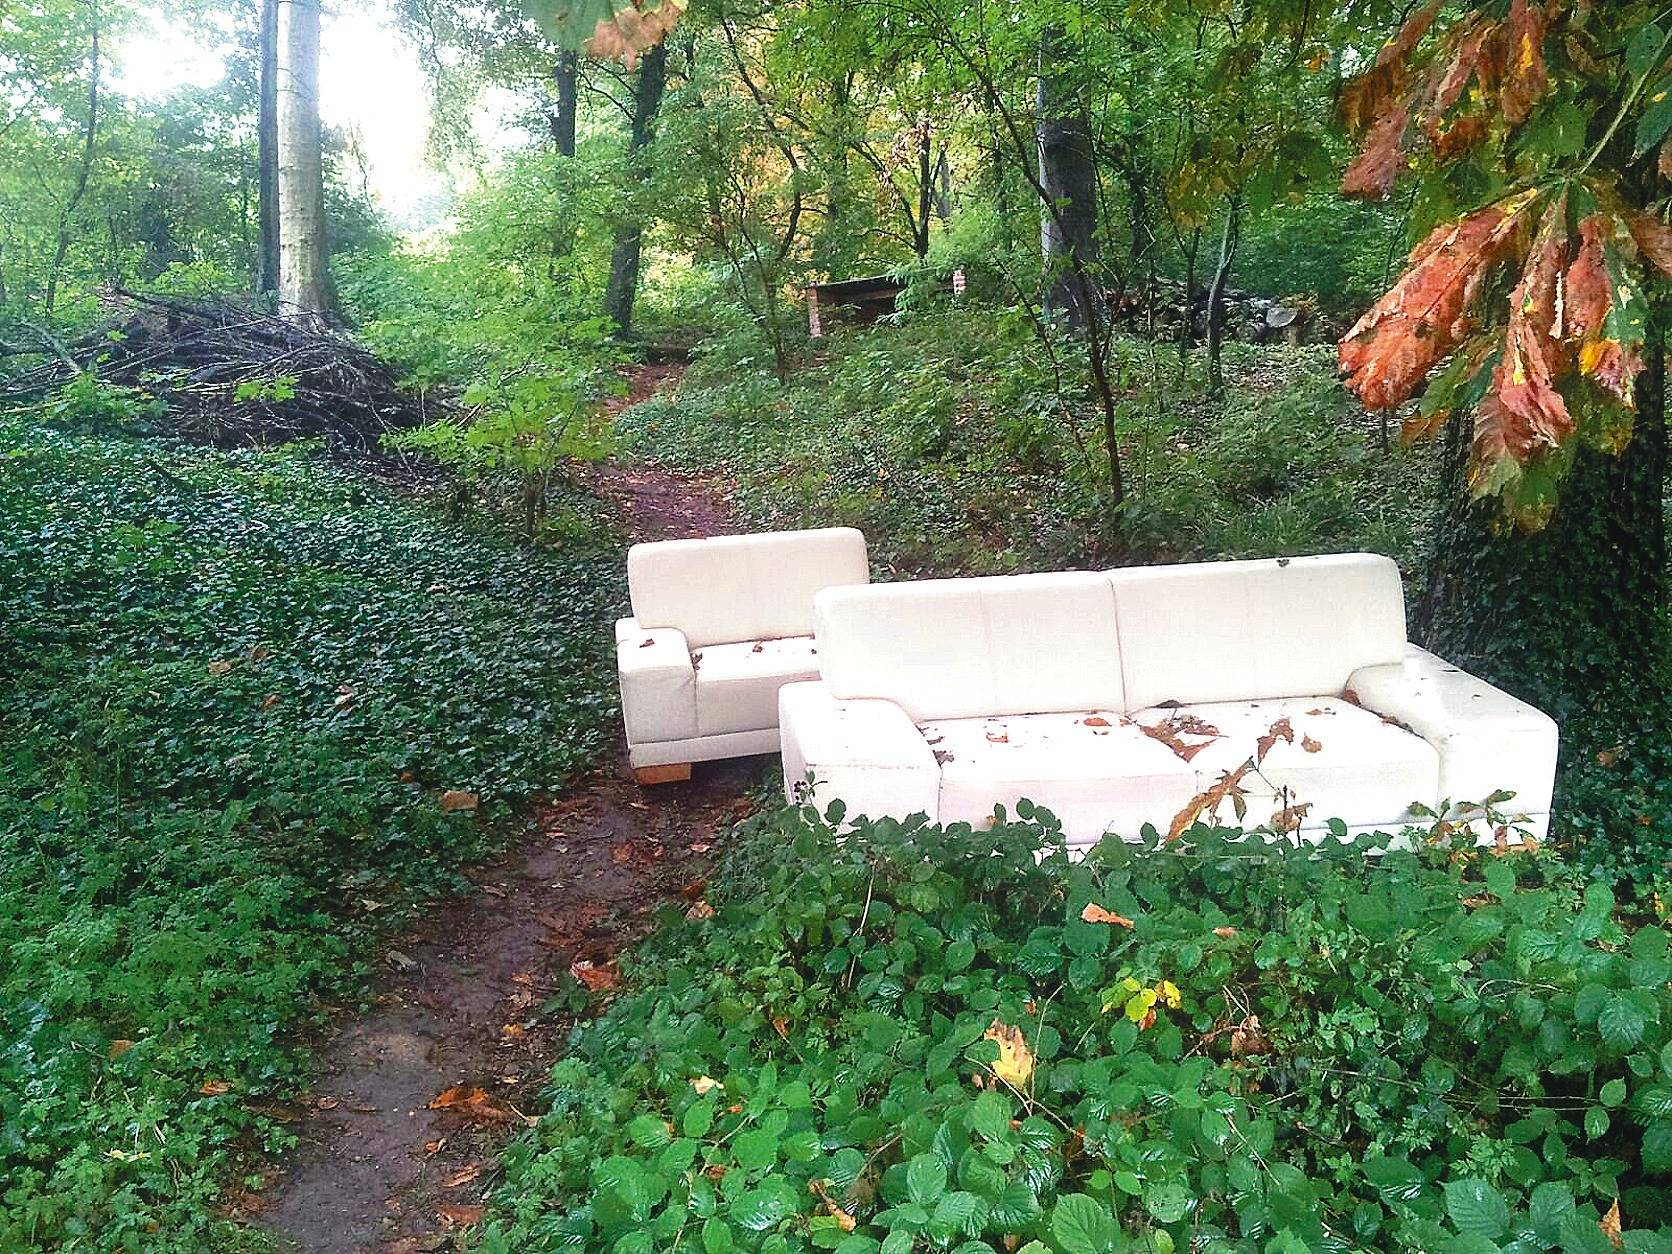 f r manche ist der heidelberger stadtwald eine m llkippe nachrichten aus heidelberg rhein. Black Bedroom Furniture Sets. Home Design Ideas